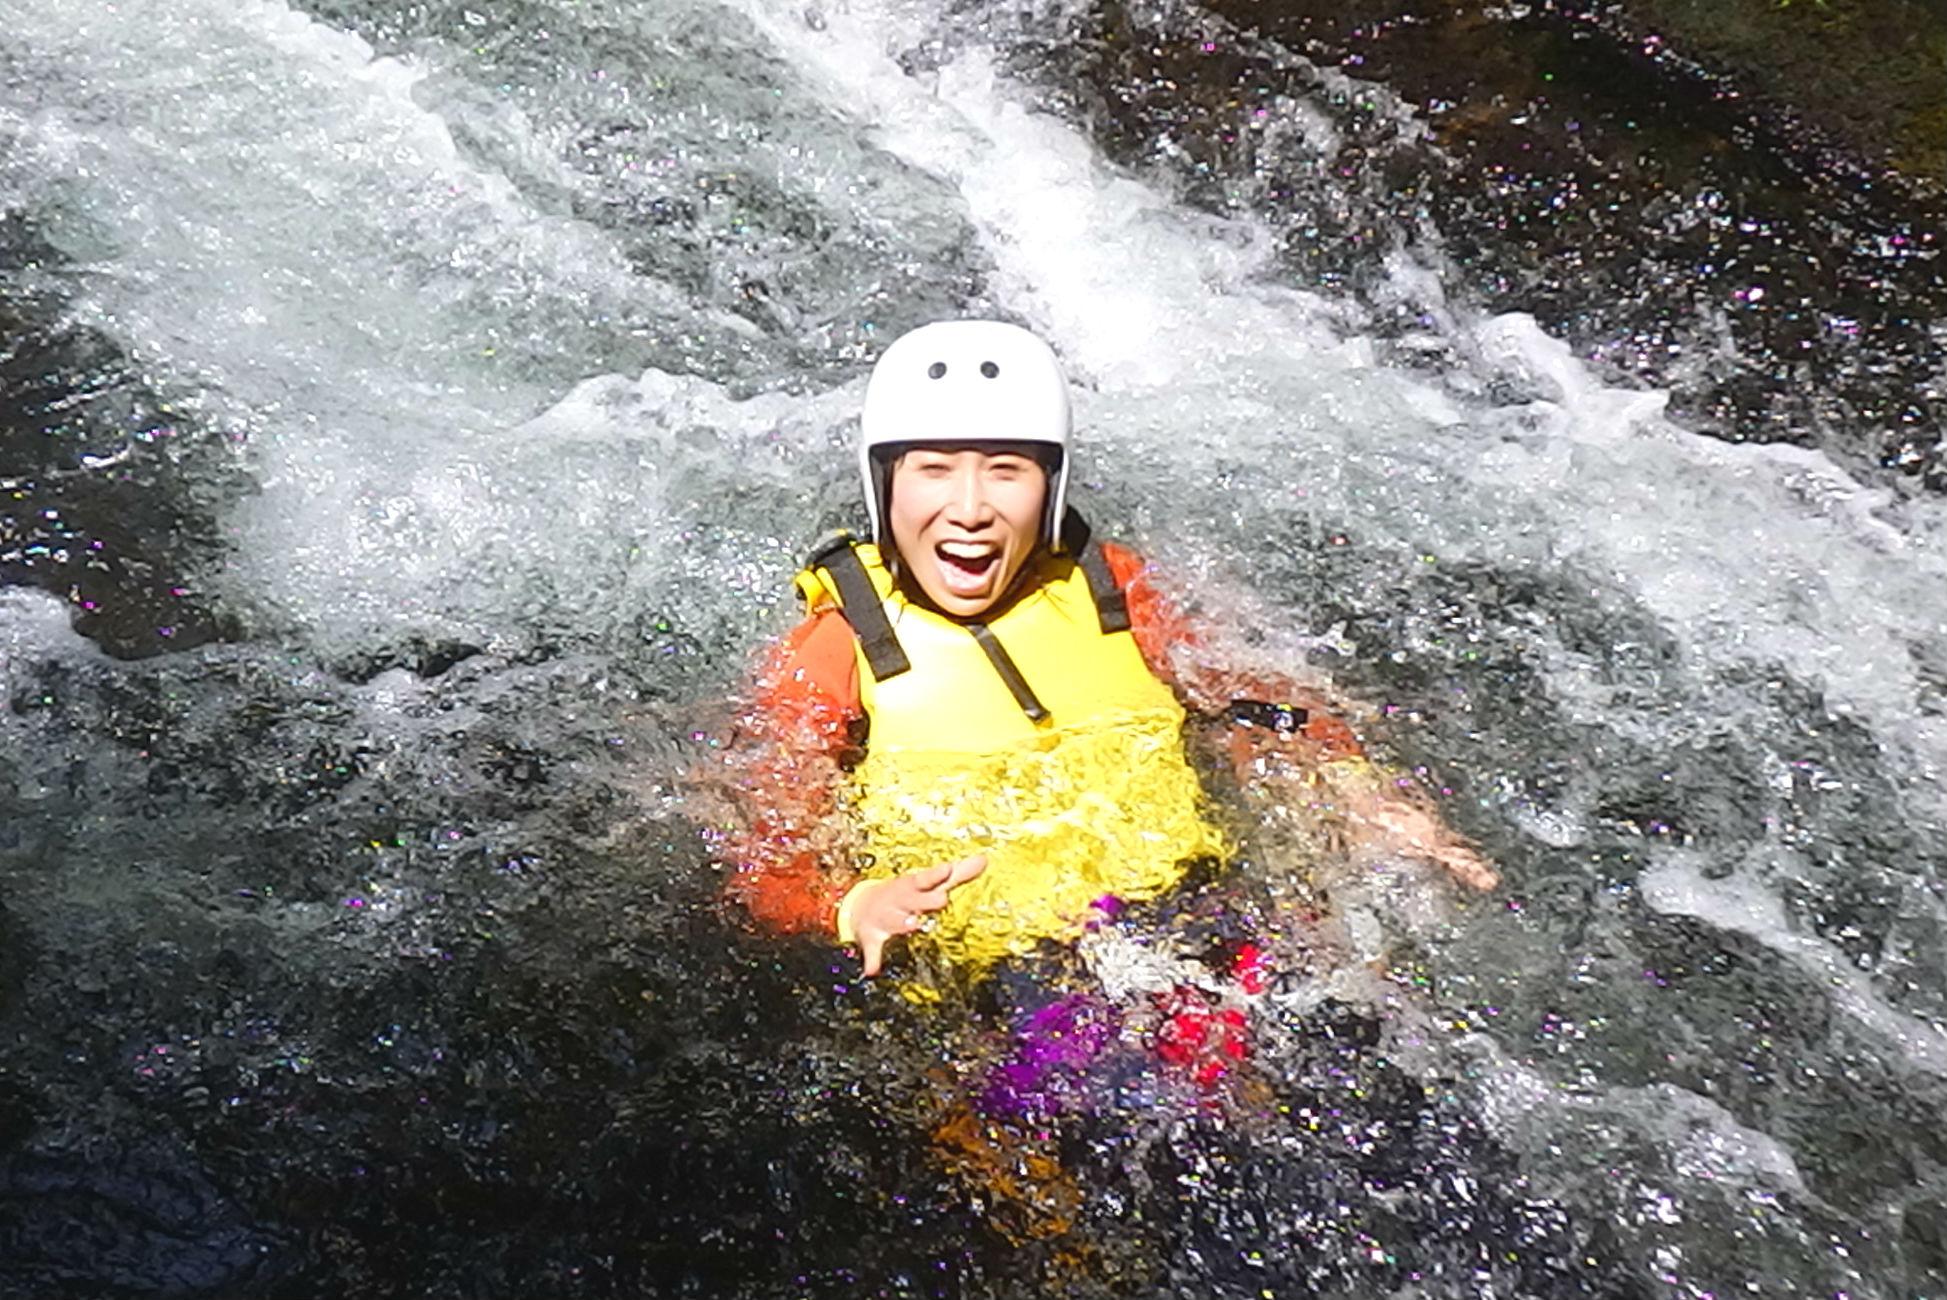 【群馬・片品村】尾瀬の秘境でキャニオニング(3時間コース)